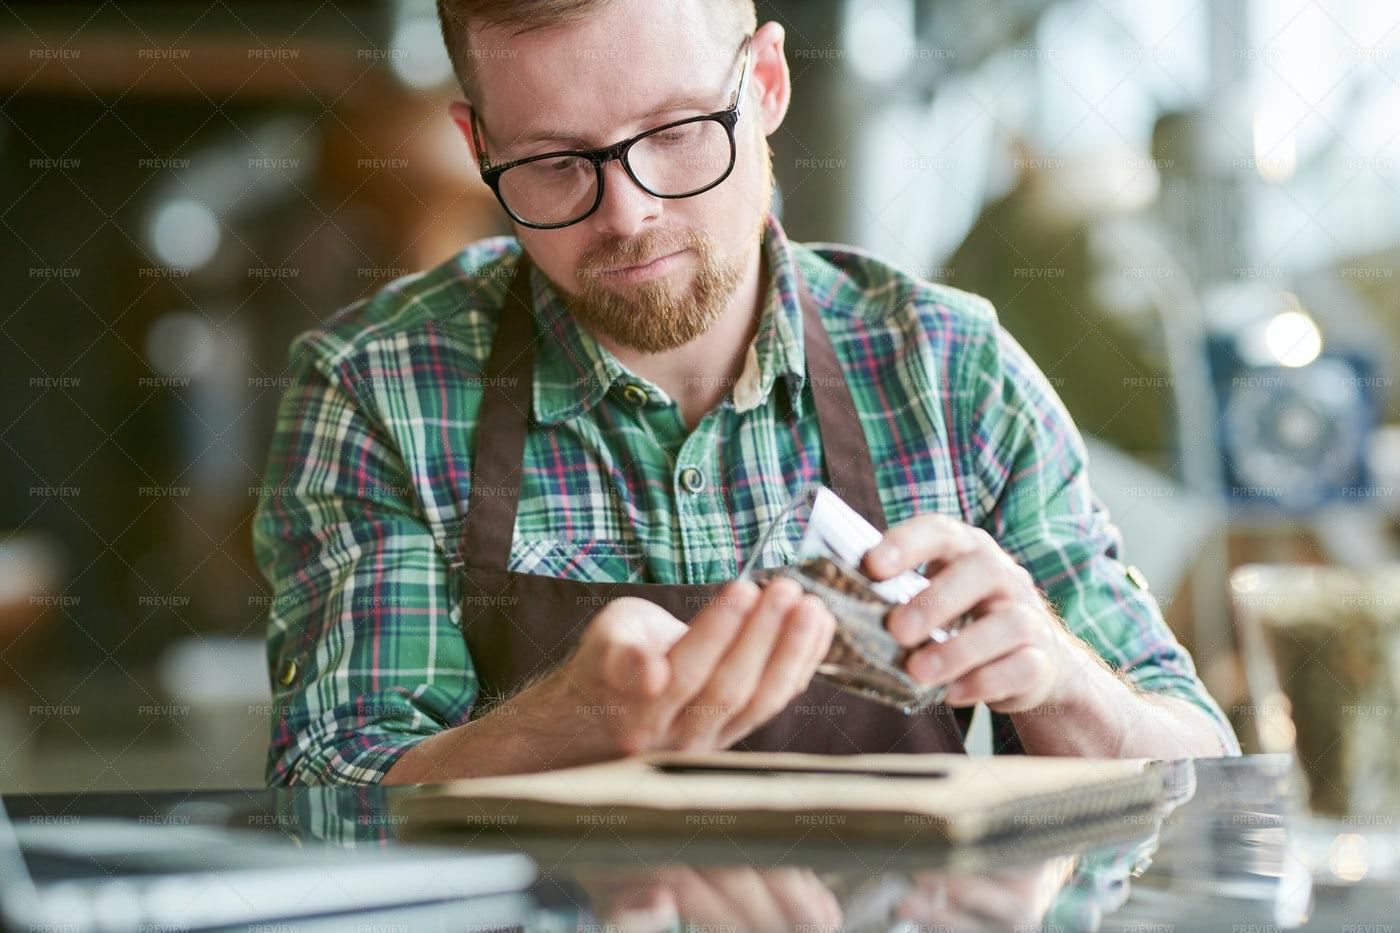 Modern Barista Examining Coffee...: Stock Photos